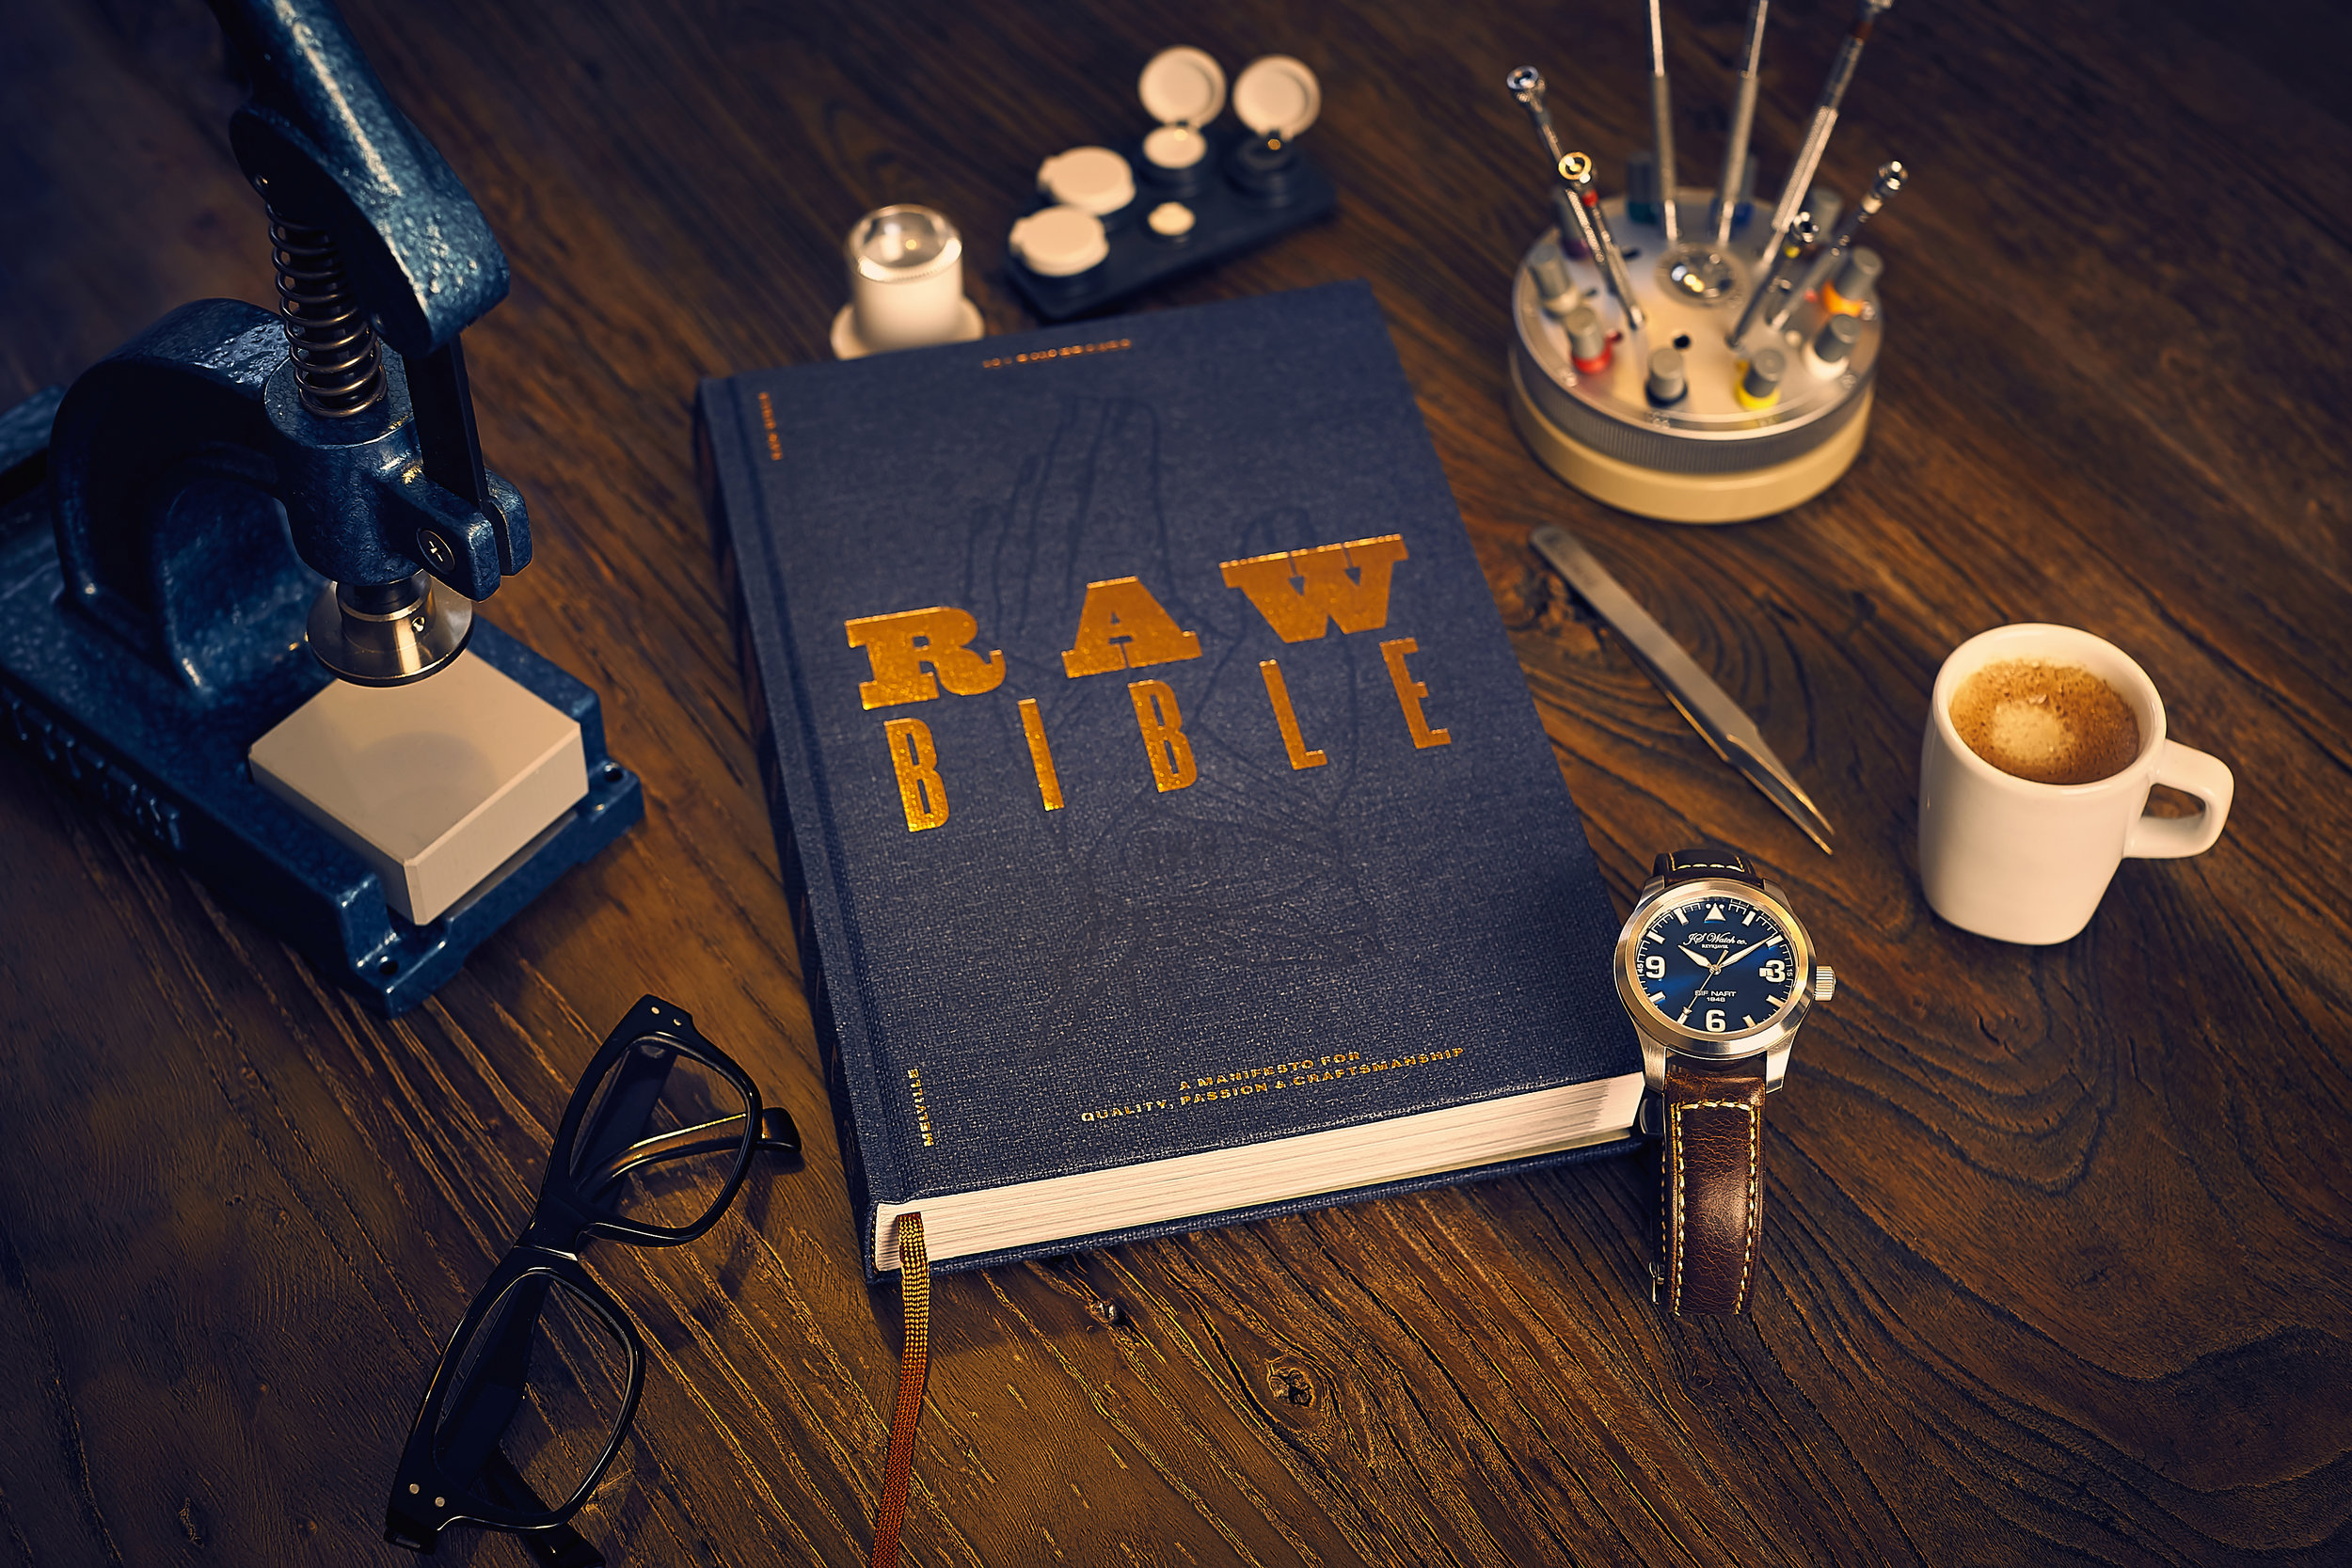 Raw Bible.jpg